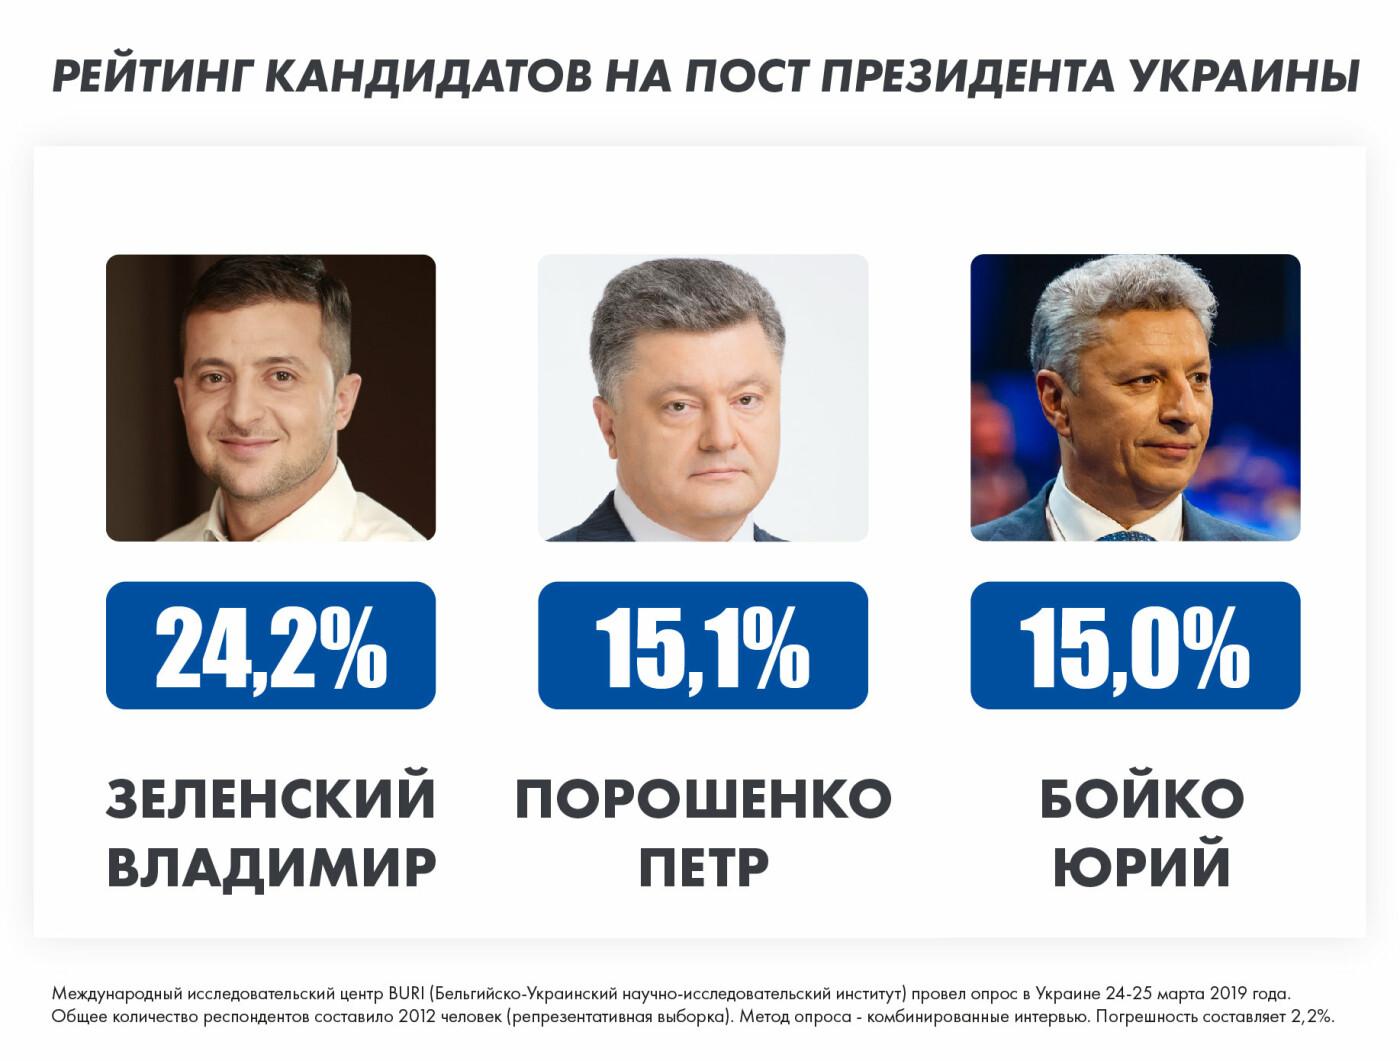 Бойко входит в список лидеров президентской гонки среди тех, кто определился и будет голосовать, фото-1